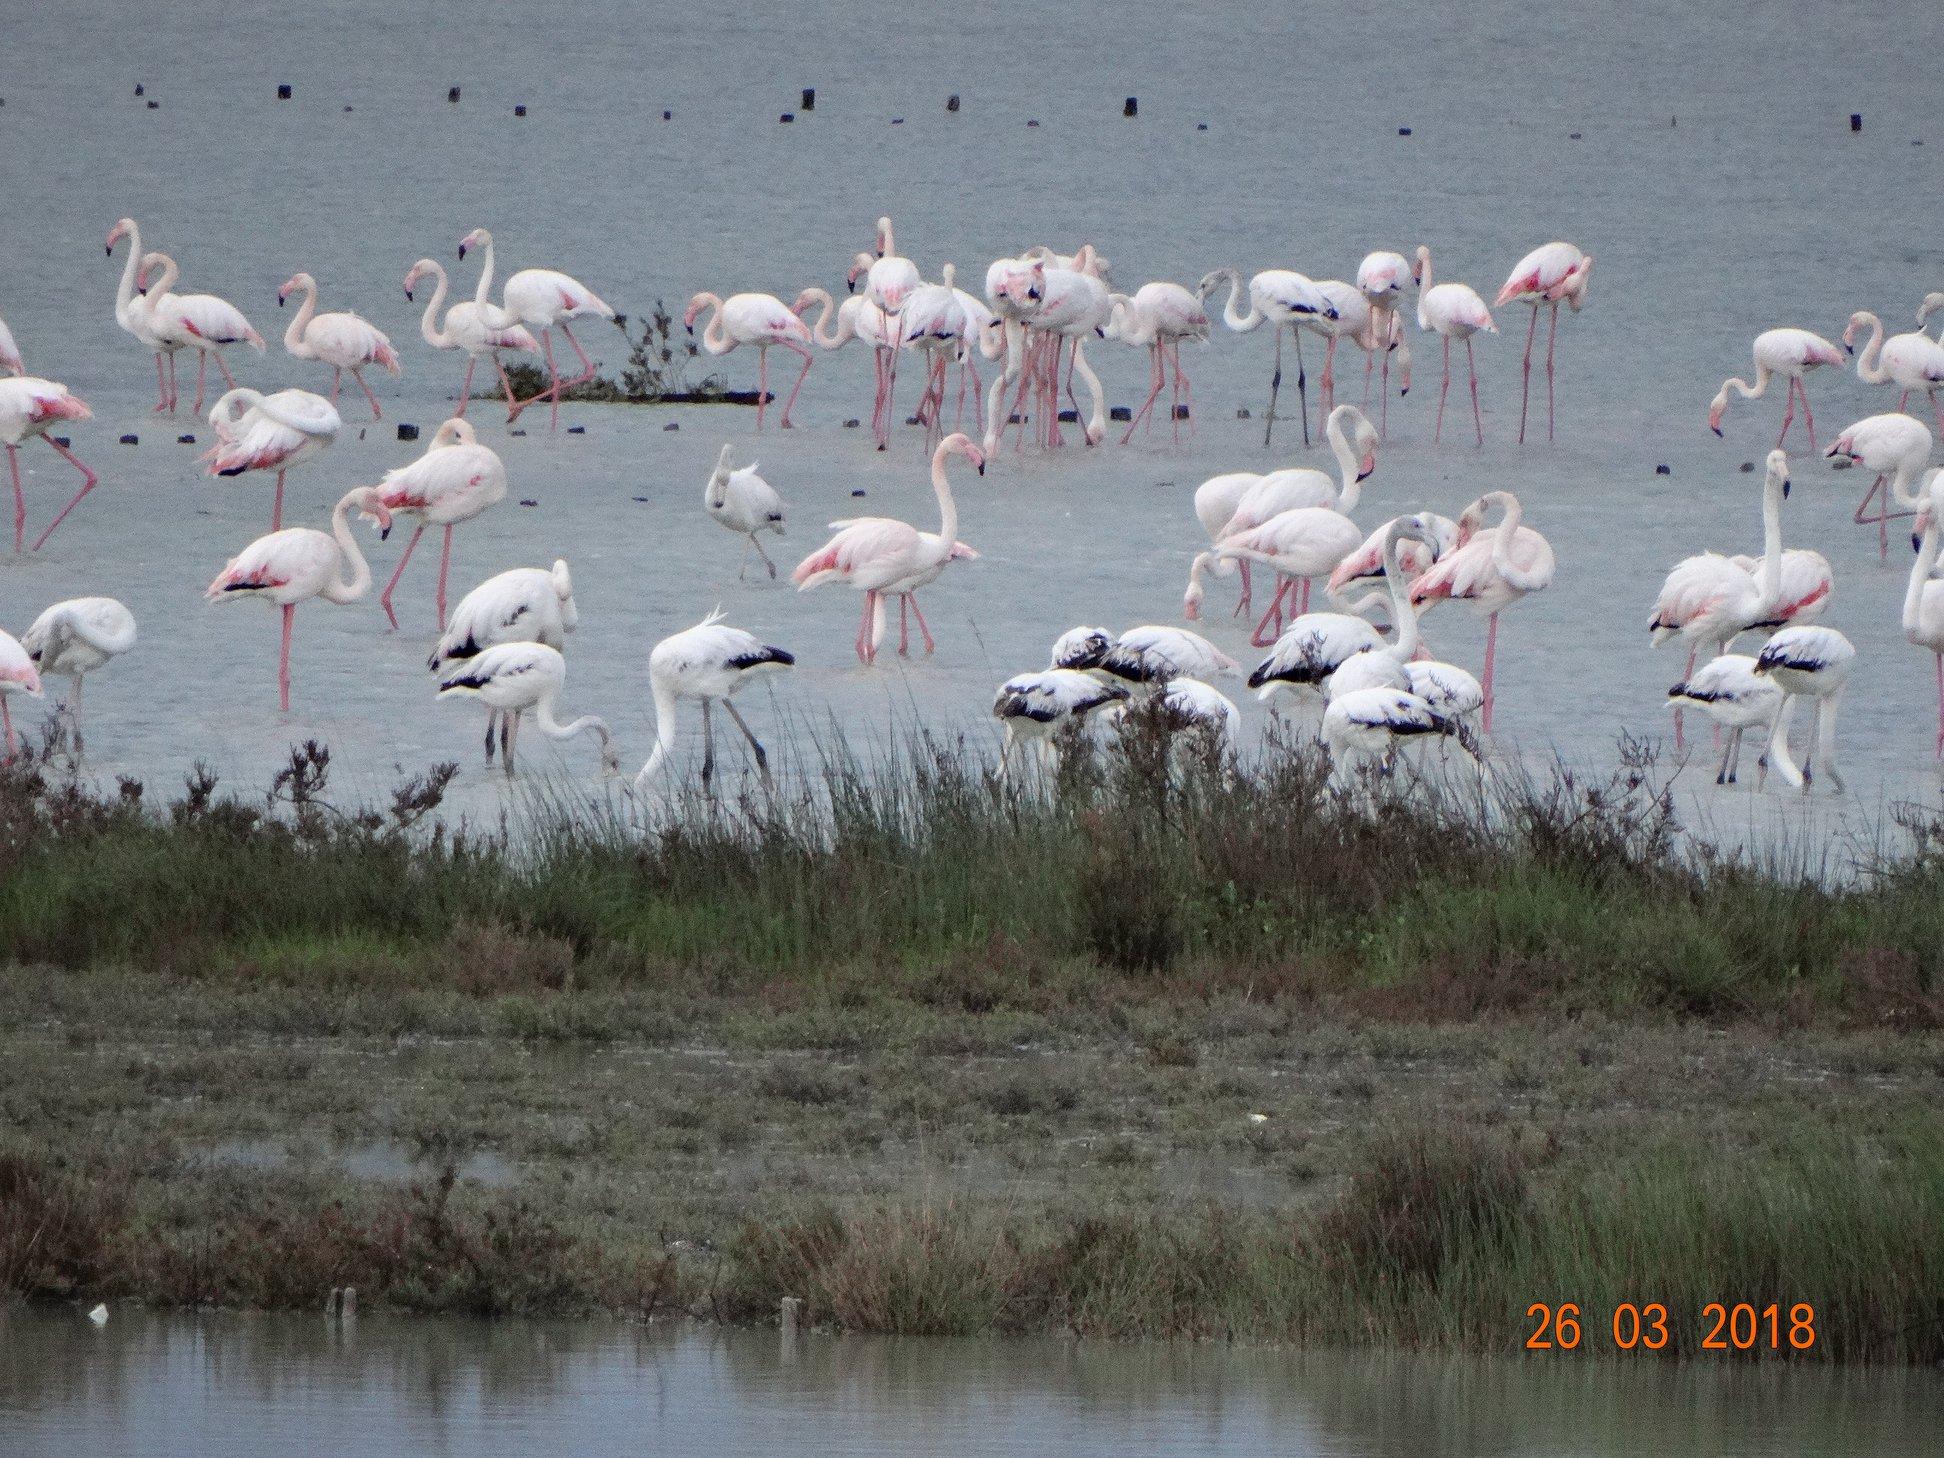 entyposiakes-eikones-apo-tin-afixi-ton-roz-flamingko-sti-limnothalassa-tis-leykimmis1